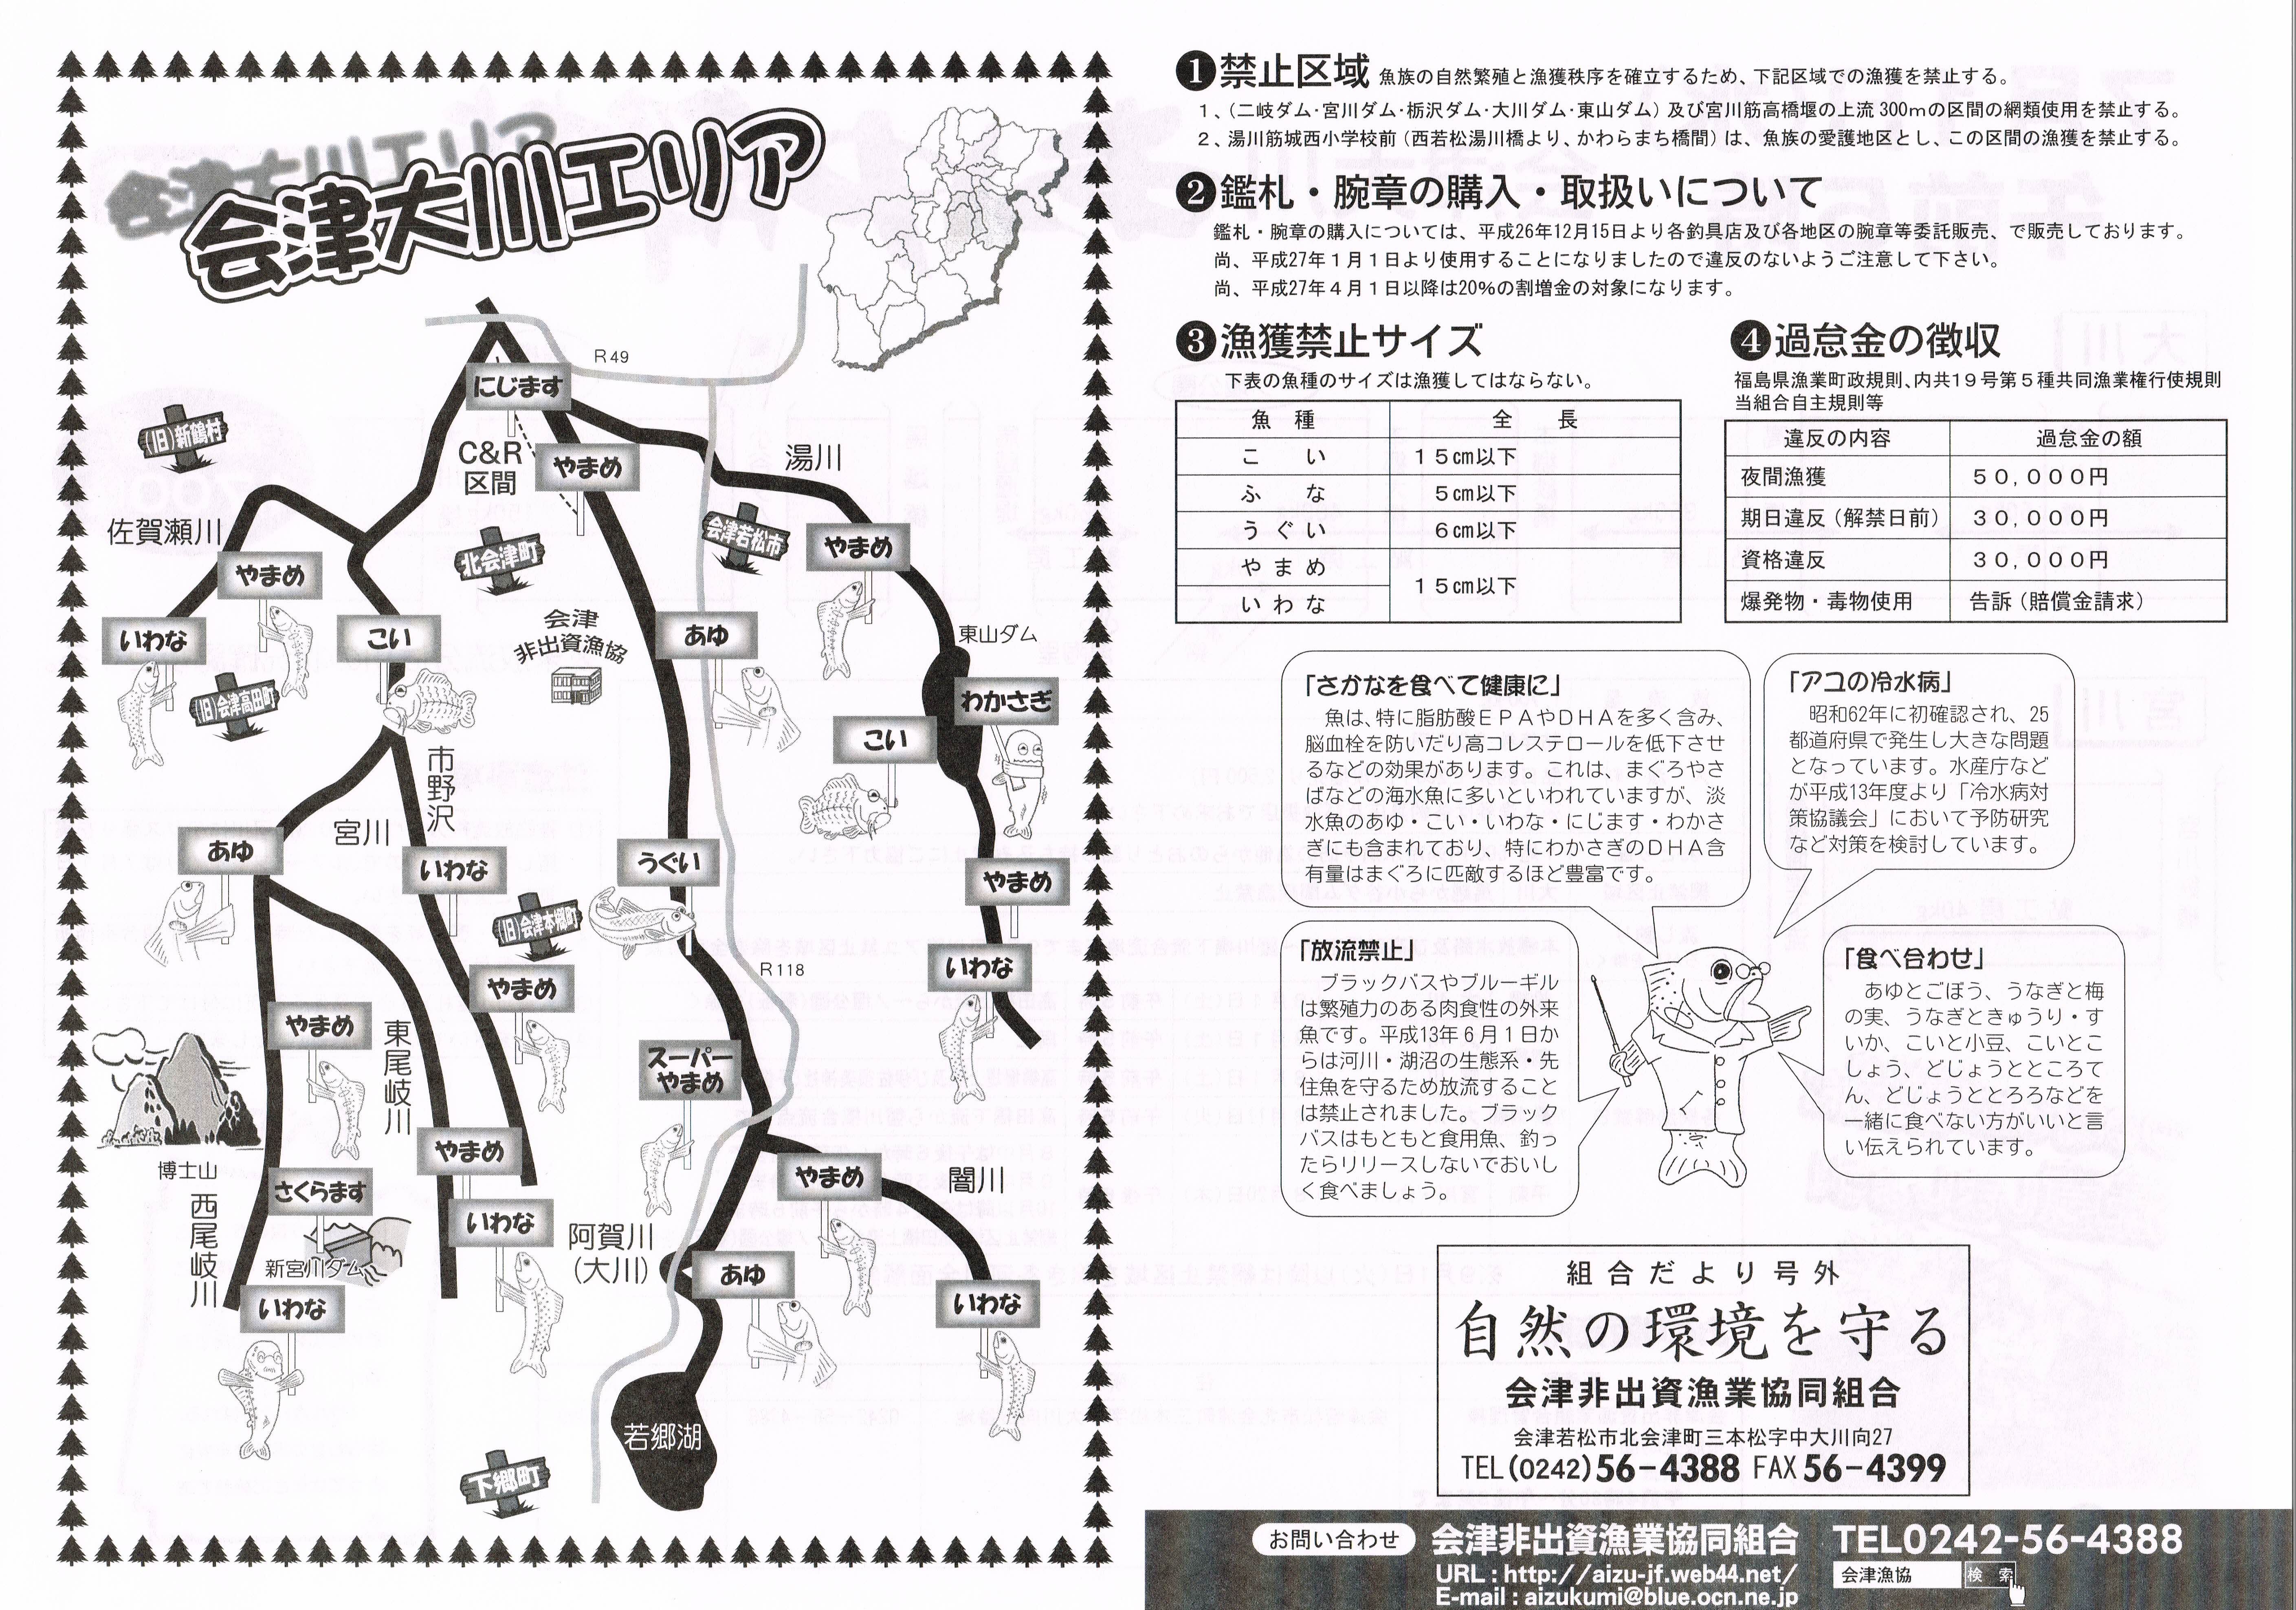 会津大川 あゆ解禁のお知らせ